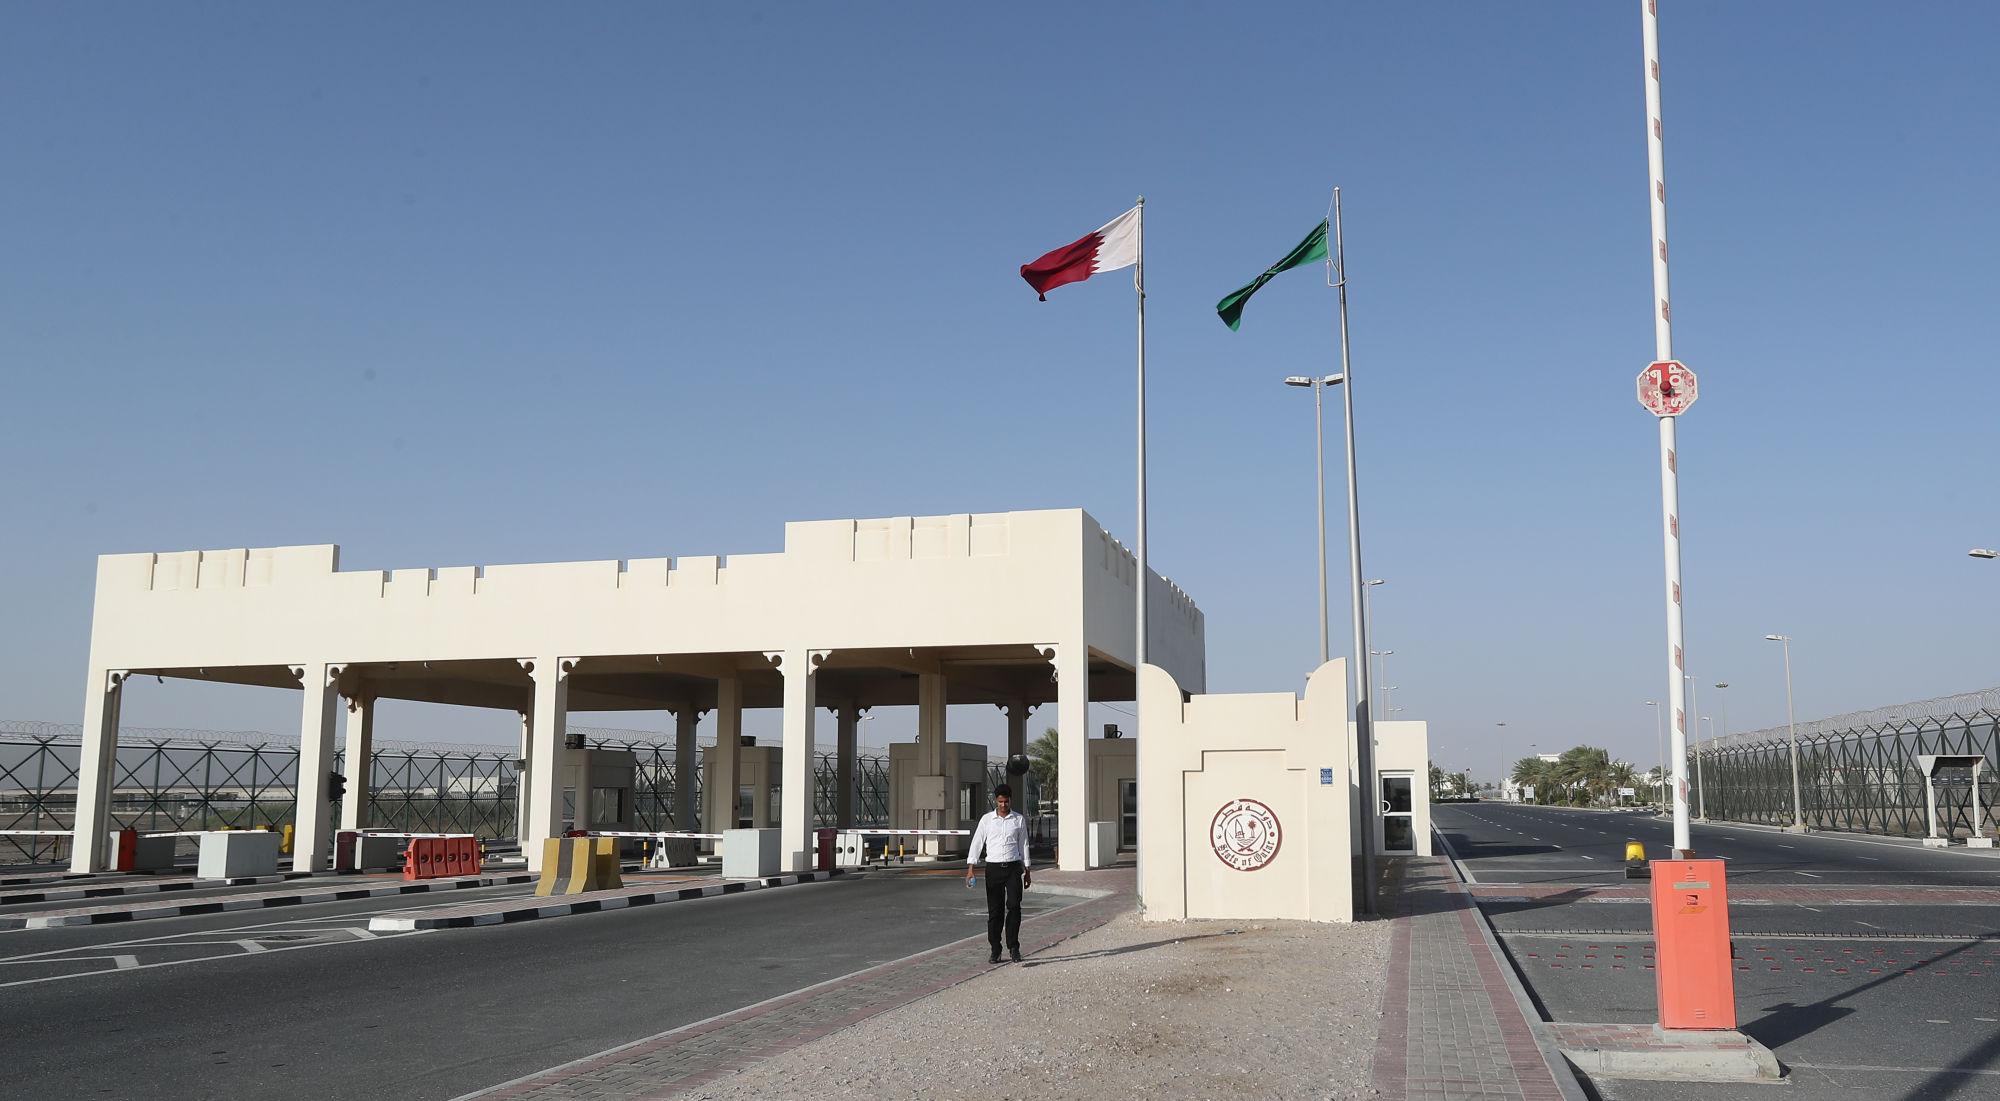 Átkelő a lezárt katari-szaúdi határon. A blokád miatt már több száz katari teve is megdöglöttFotó: KARIM JAAFAR/AFP